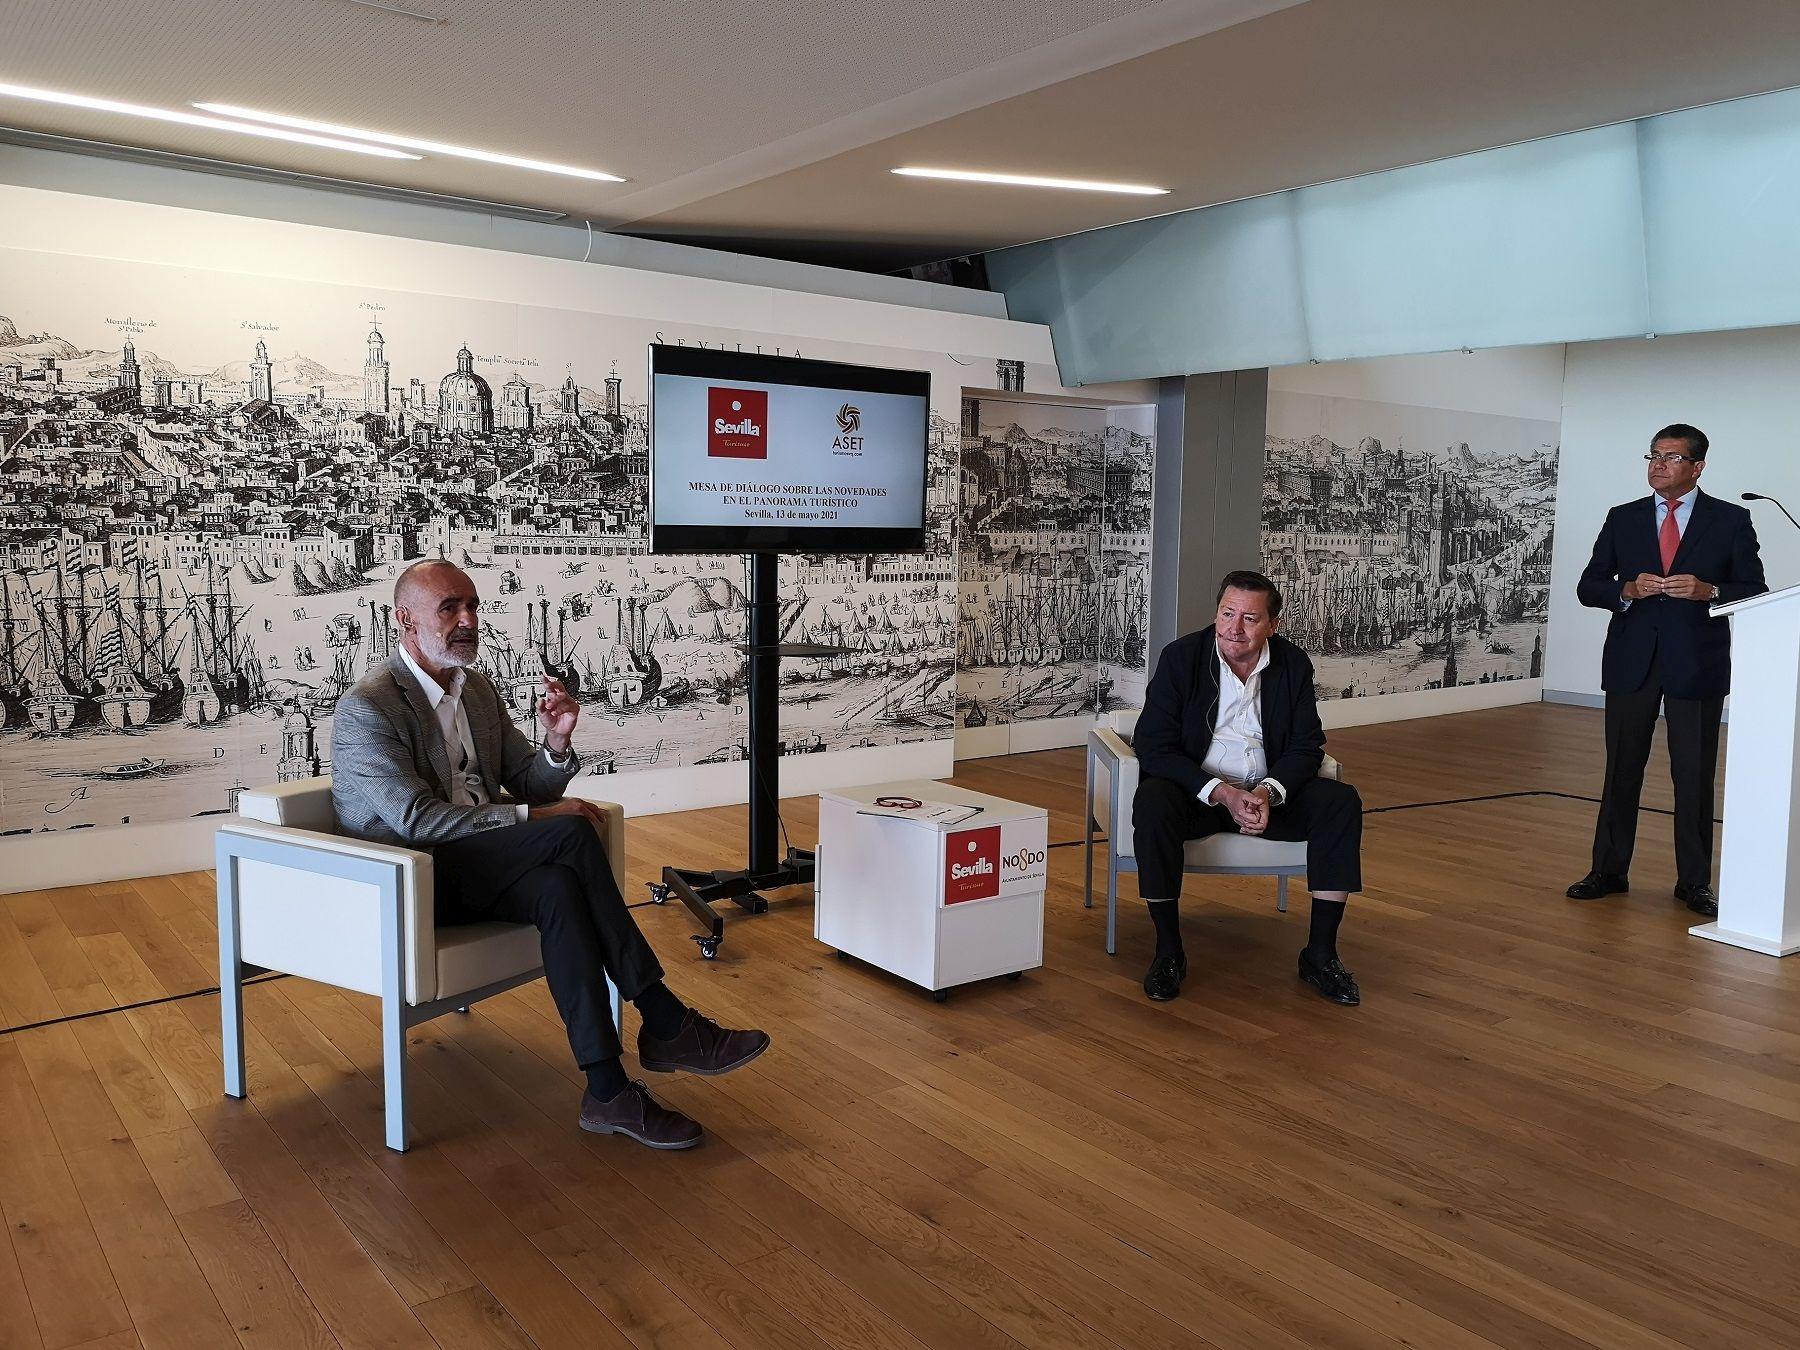 En este momento estás viendo Sevilla se centrará en FITUR en los contactos con aerolíneas, turoperadores y agentes de congresos y grandes eventos